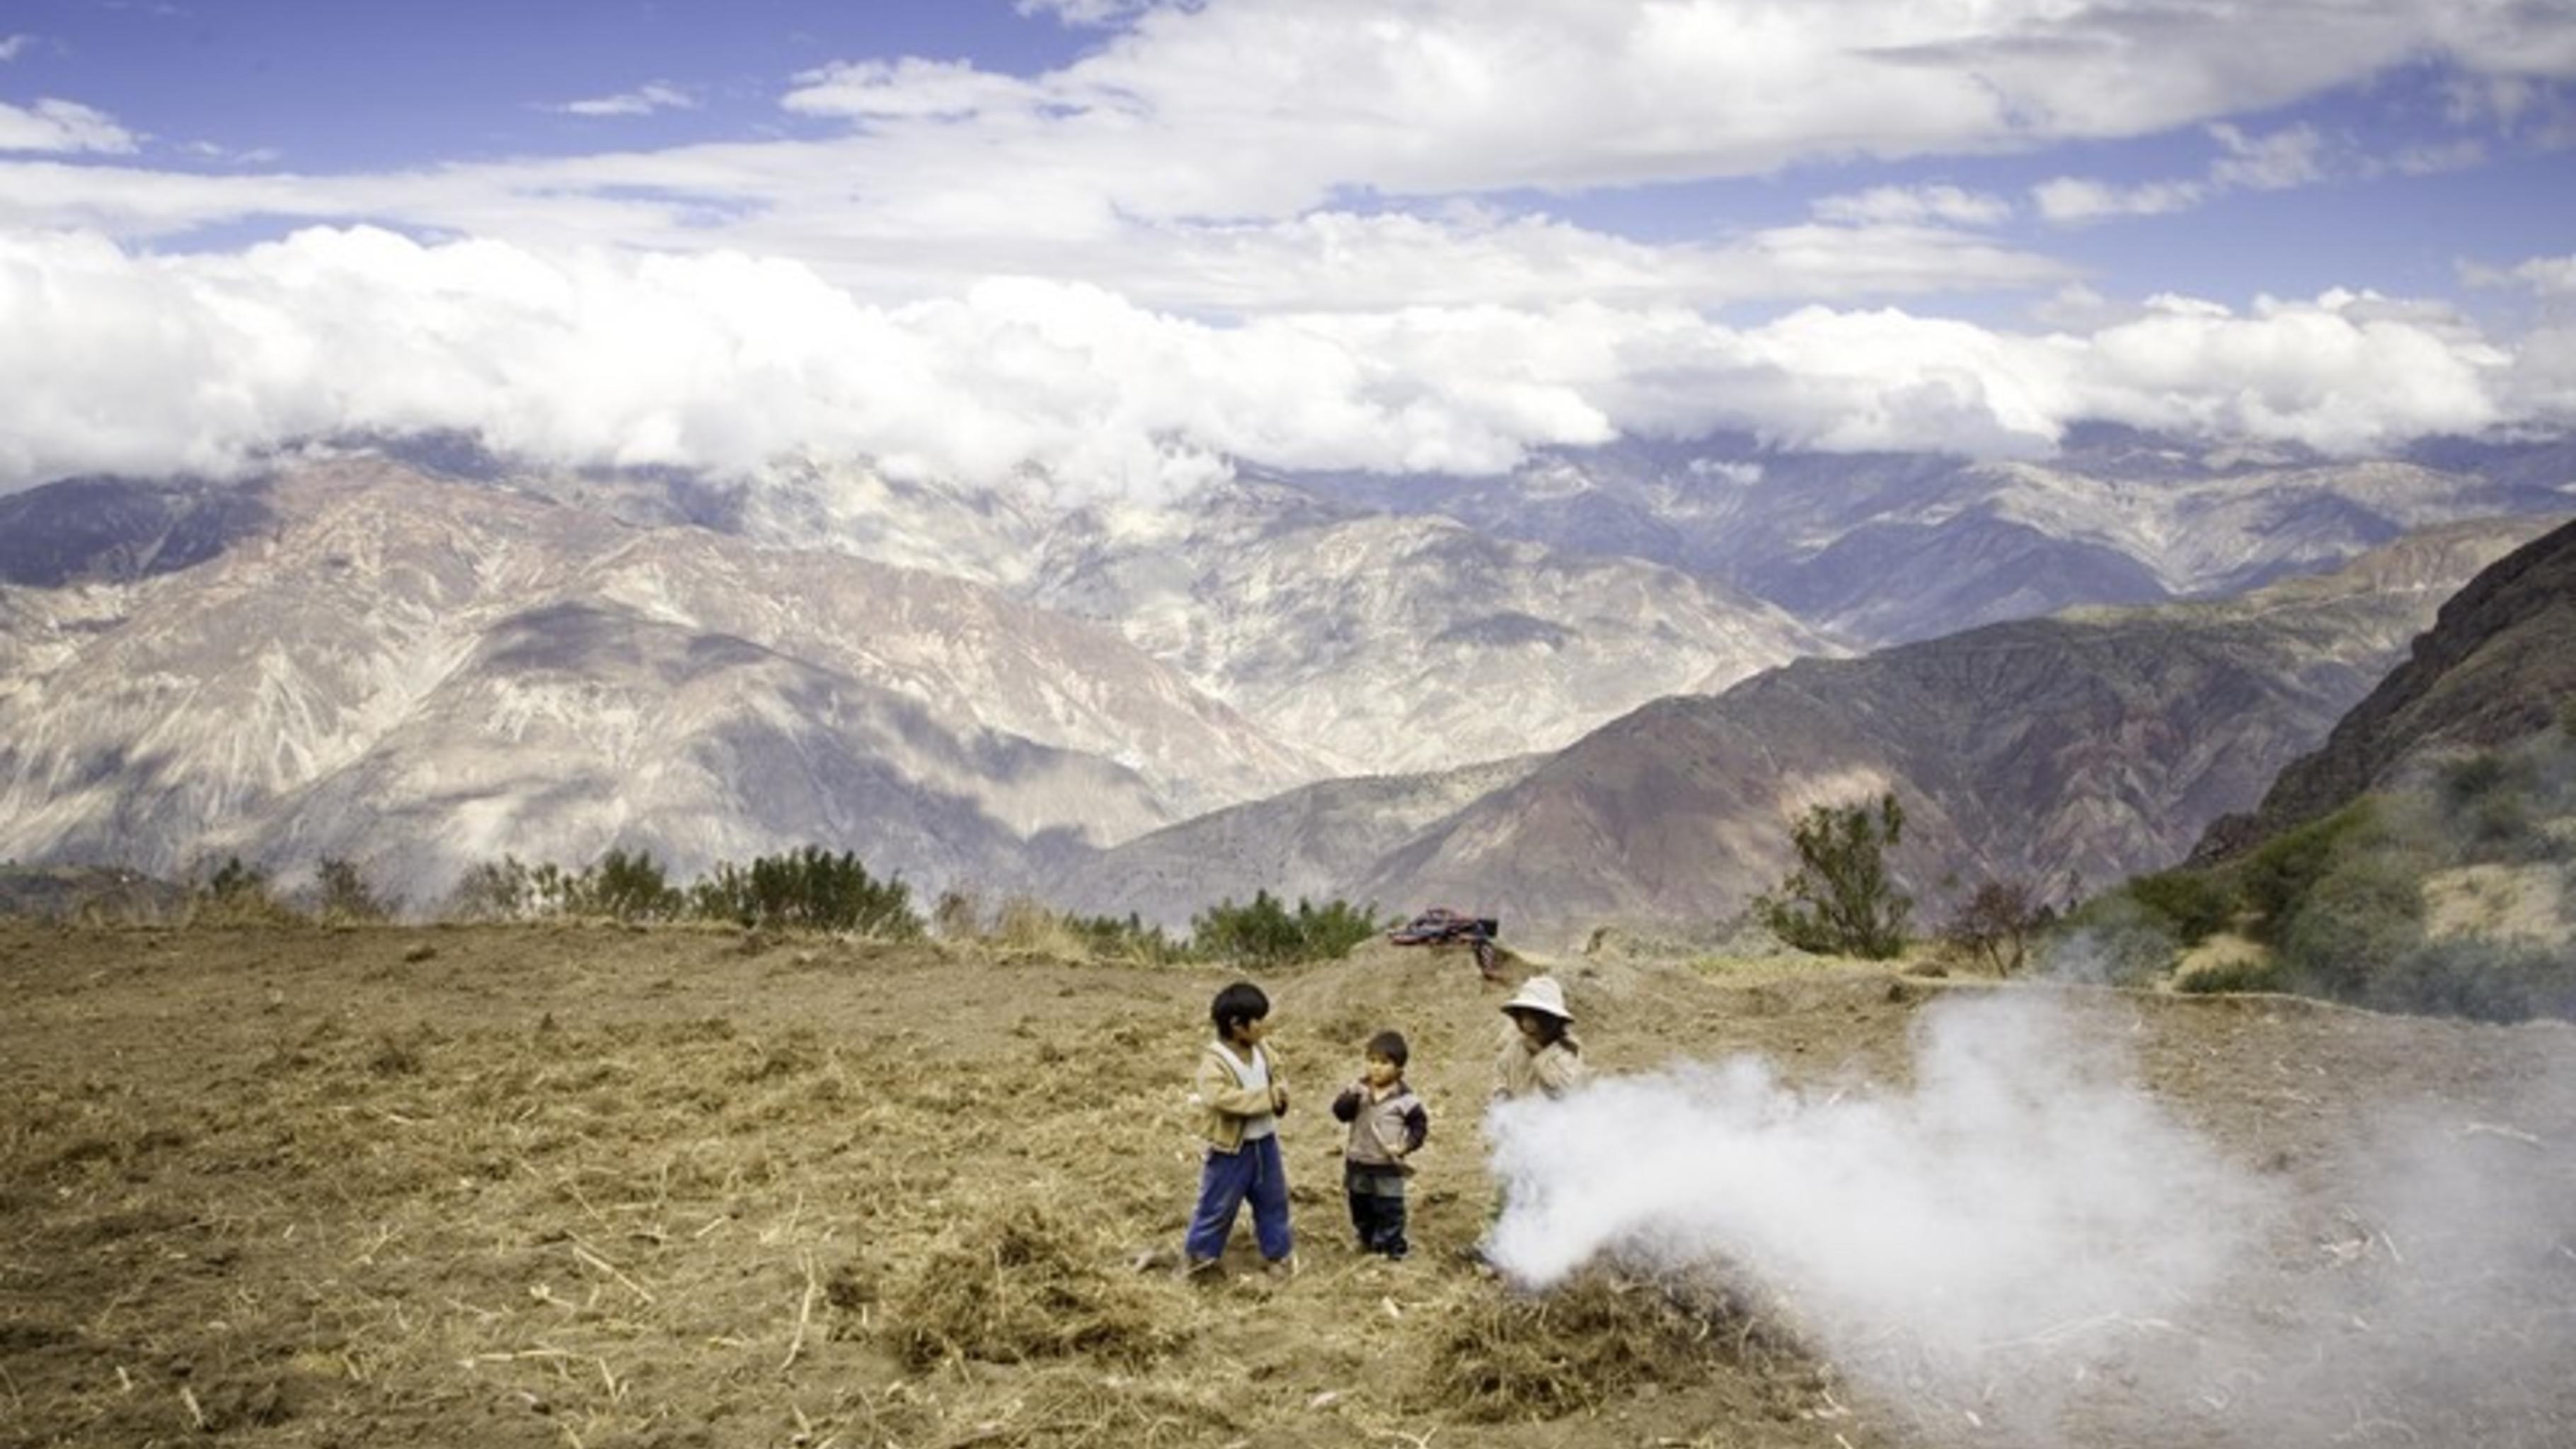 Diese Kinder aus Khapi am Fuße des Illimani-Gletschers.